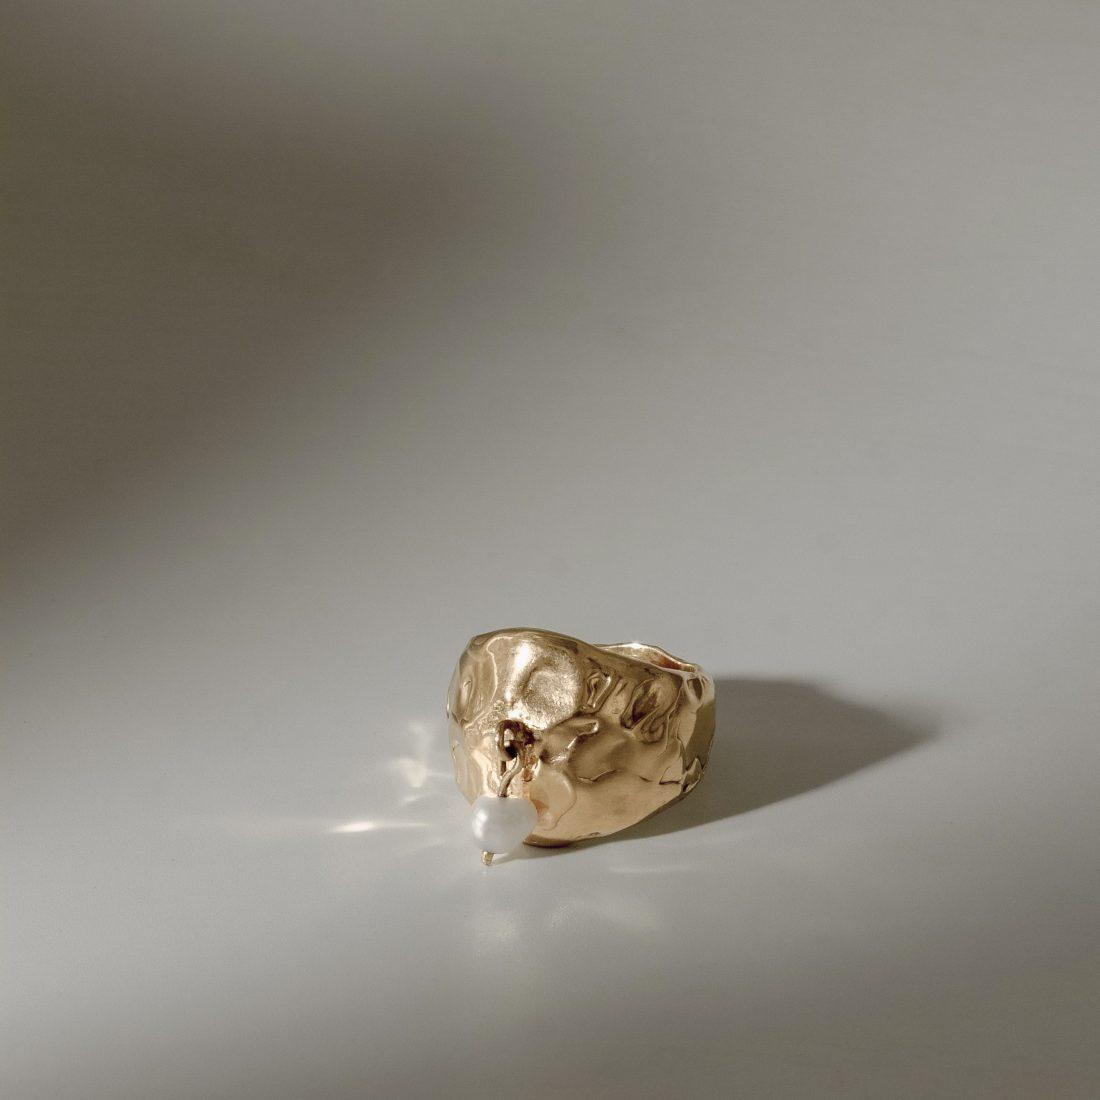 Кольцо с жемчужной подвеской, позолота 1